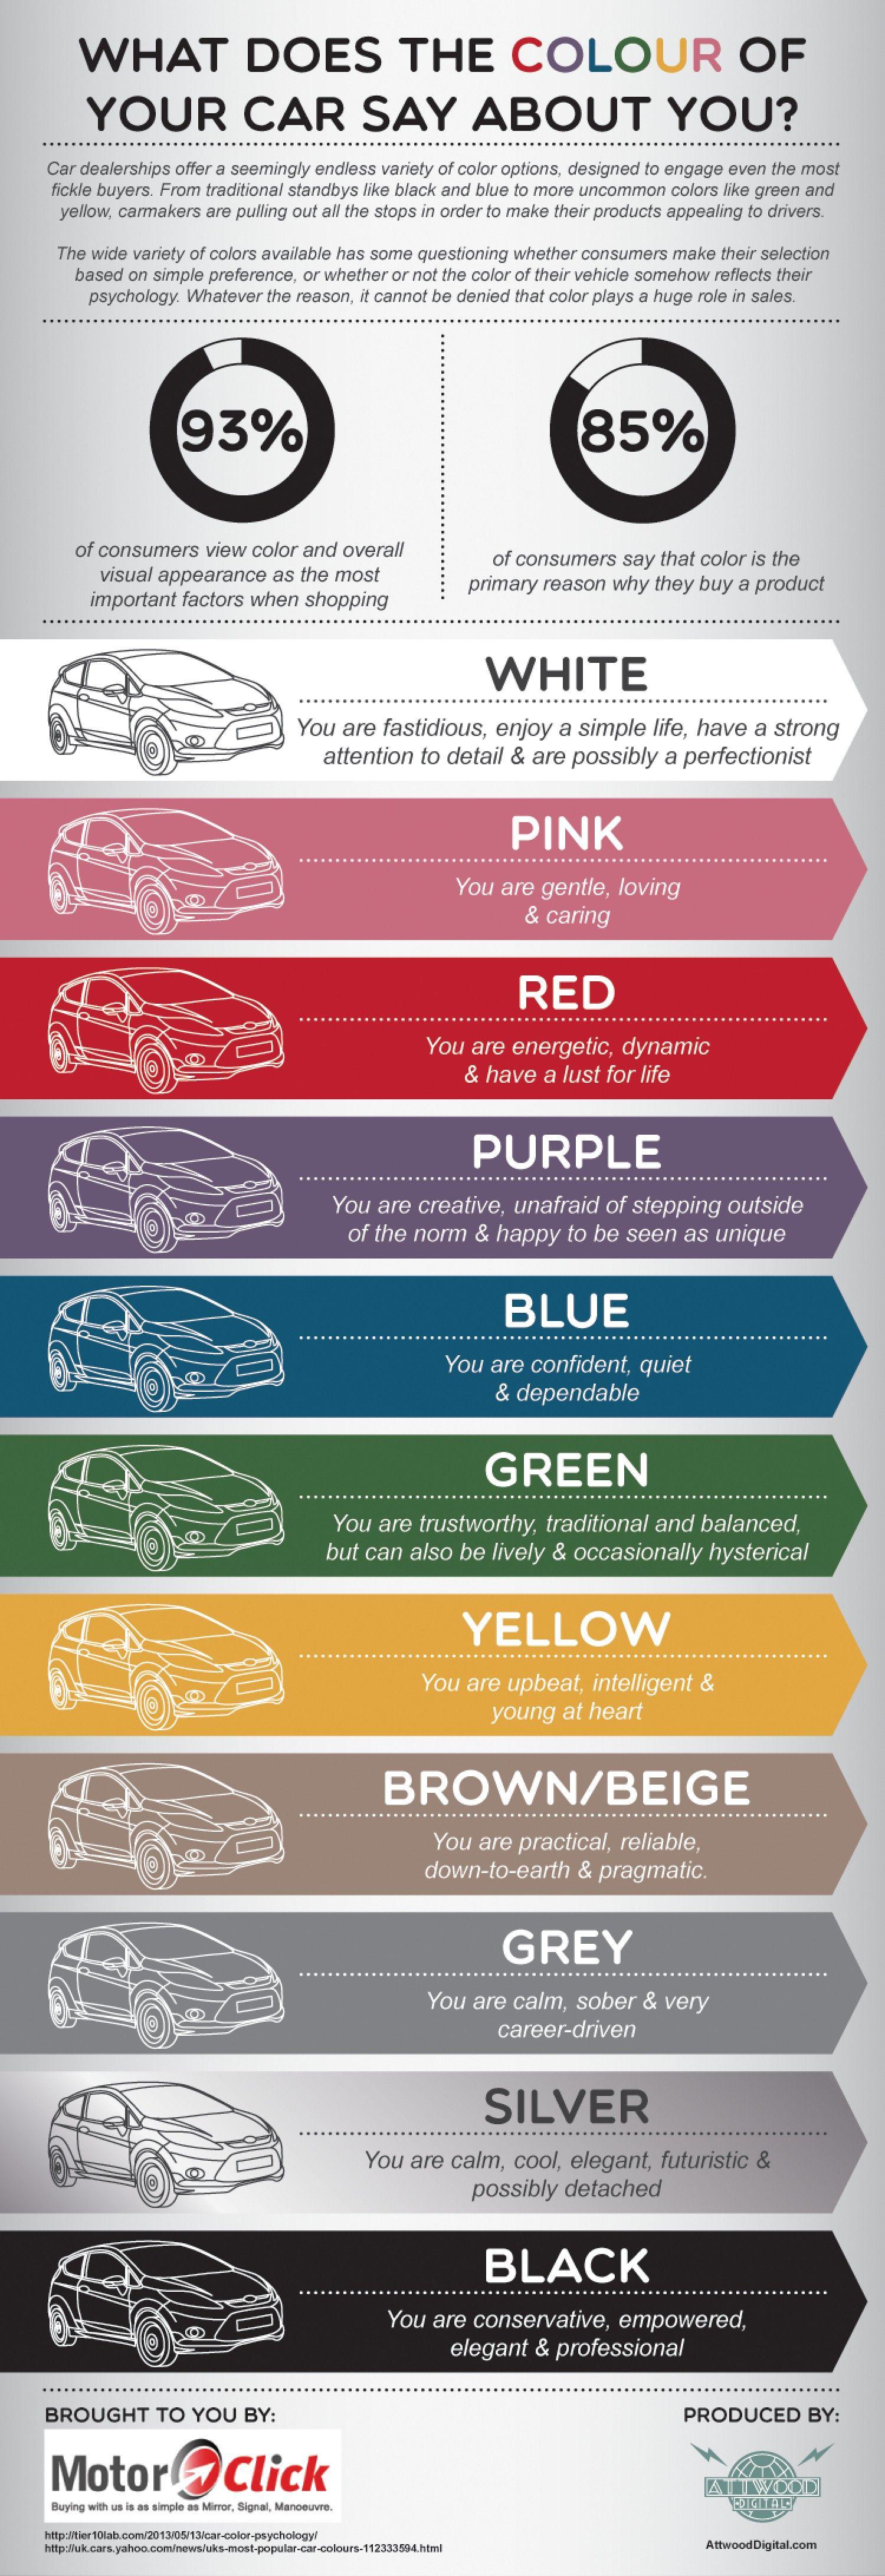 Colour car you drive - Evolution Of The Honda Civic Jdm Pinterest Honda Civic Honda And Evolution